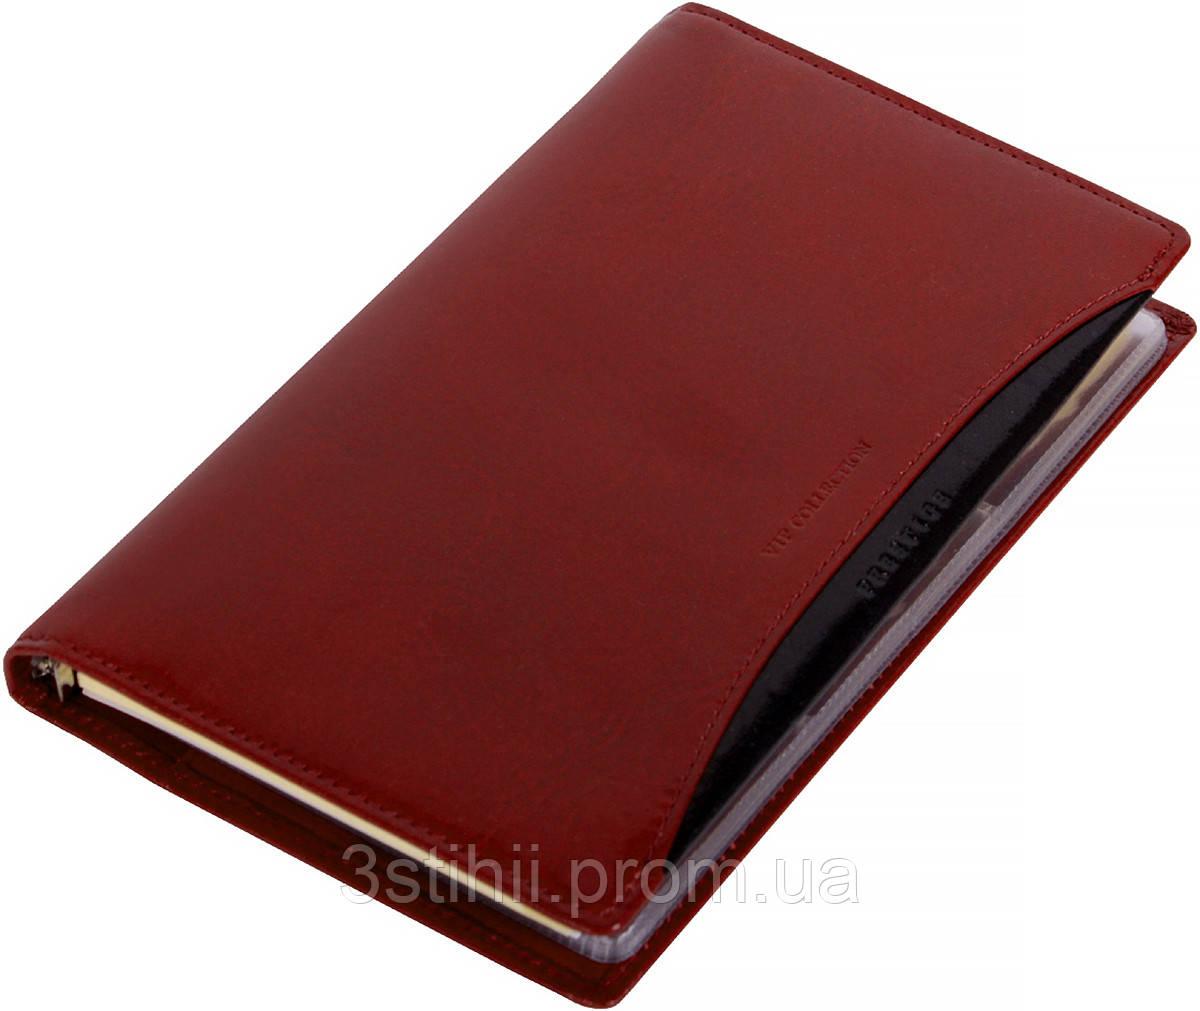 Блокнот-органайзер Vip Collection Prestige 84.R.PR Красный